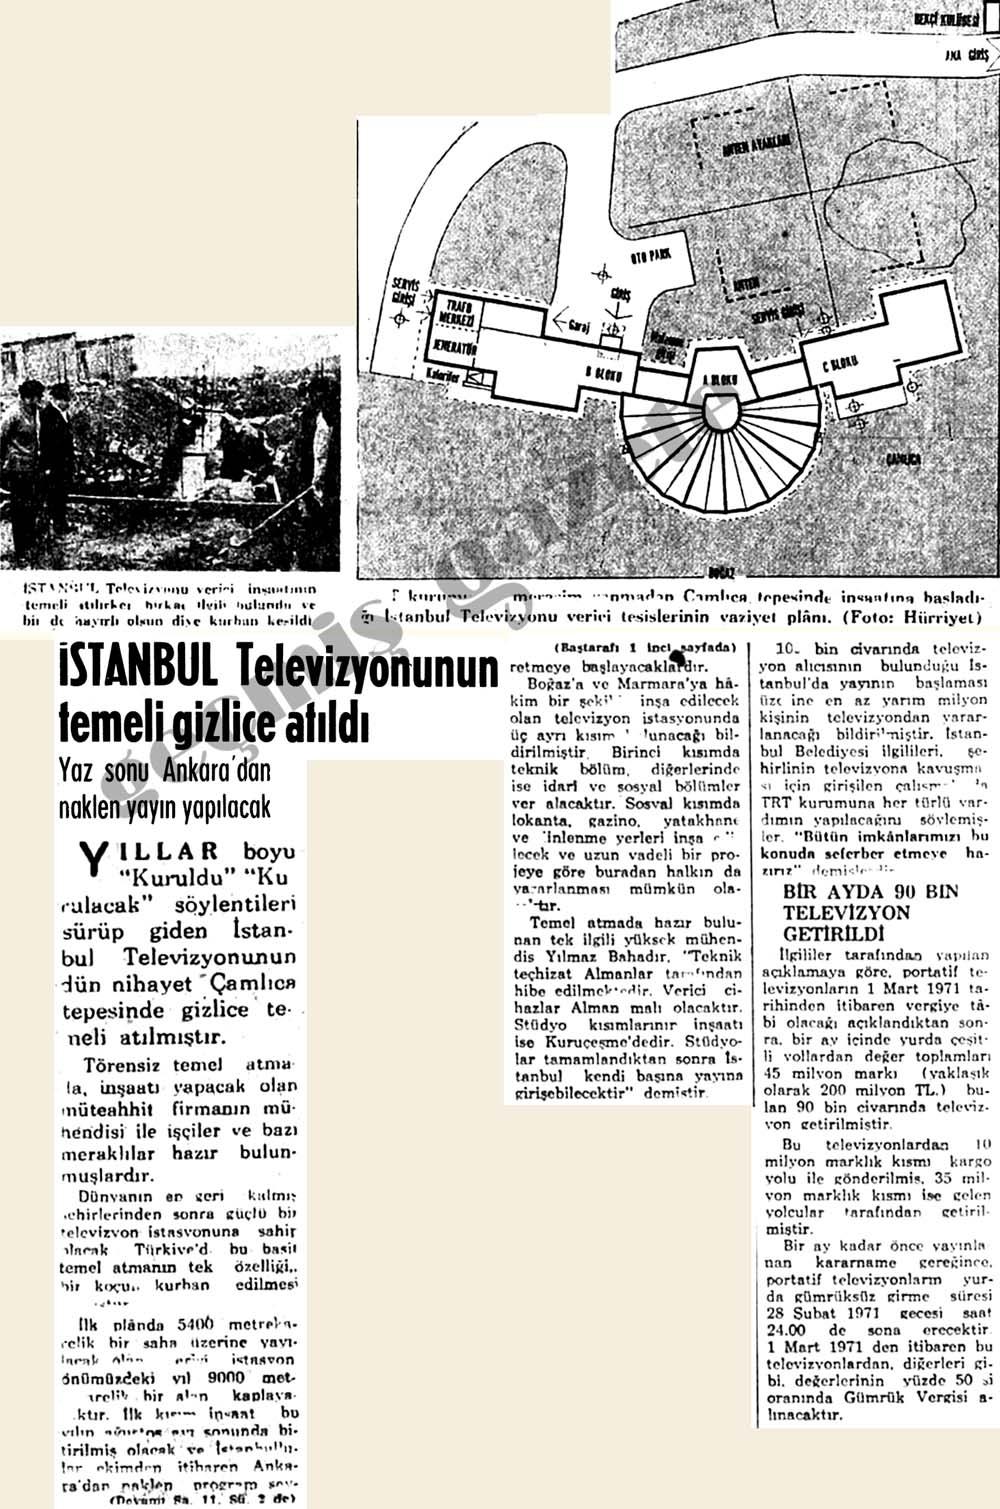 İstanbul Televizyonunun Çamlıca tepesinde gizlice temeli atıldı